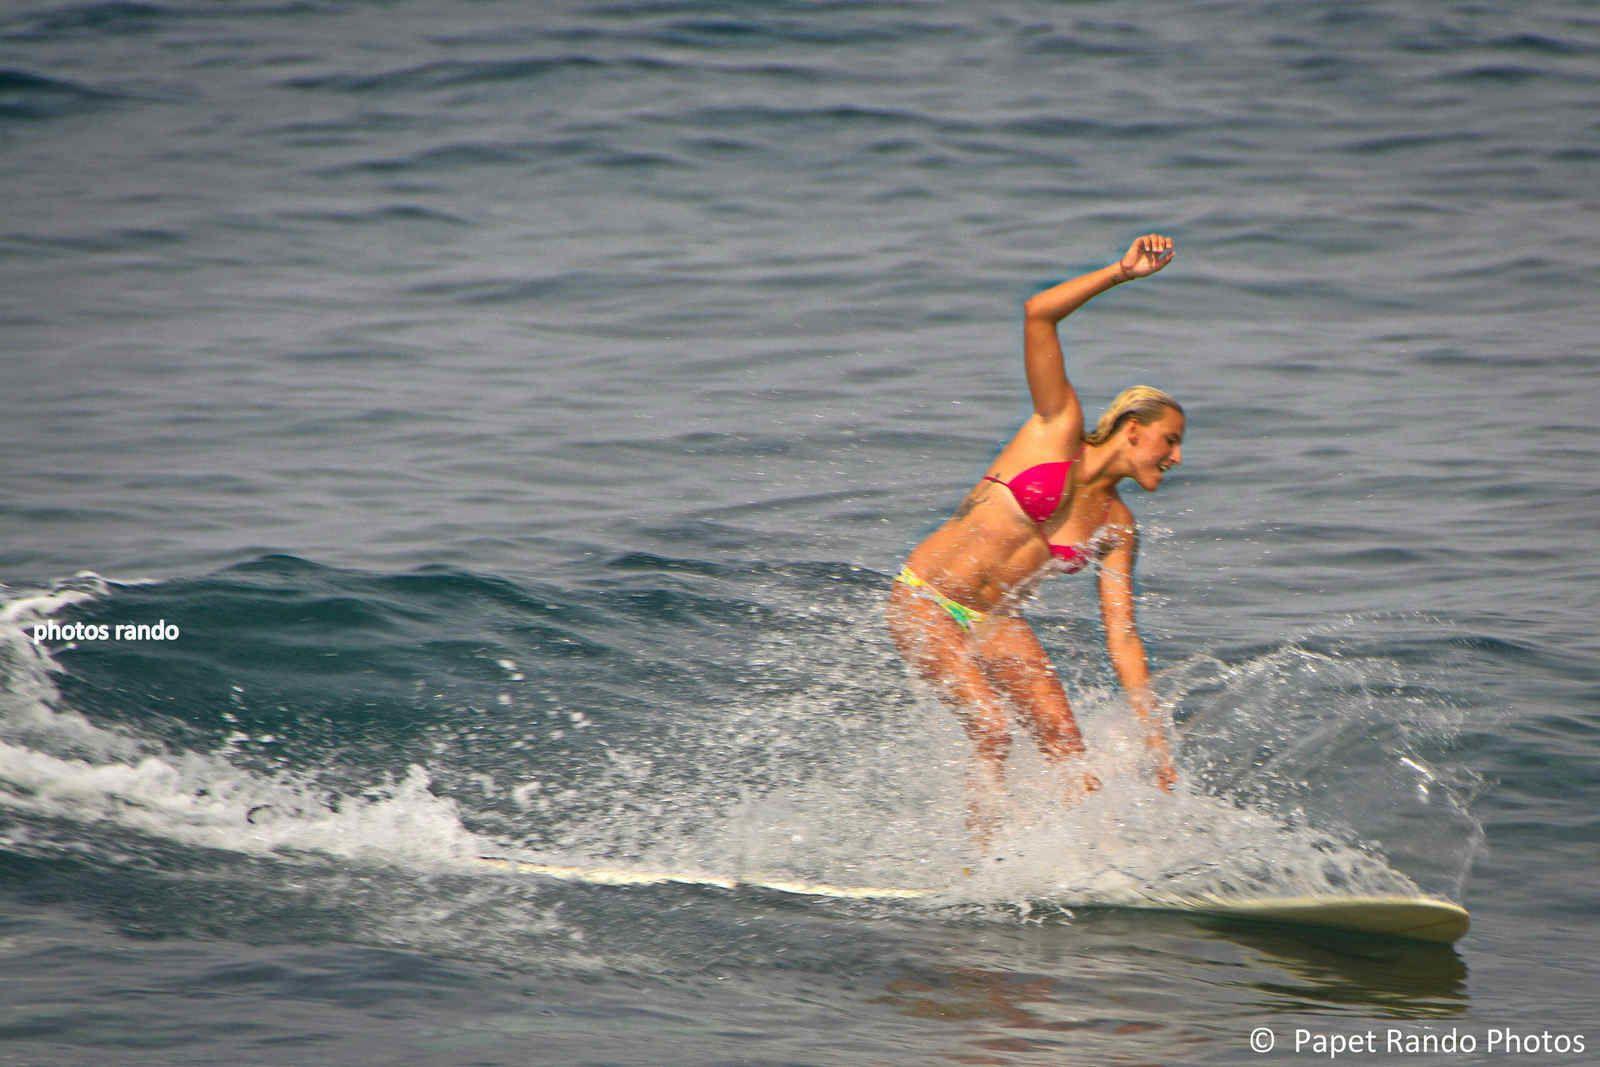 Photos de Surf pendant 15 ans a Tenerife Arona ( les plus belles par serie)